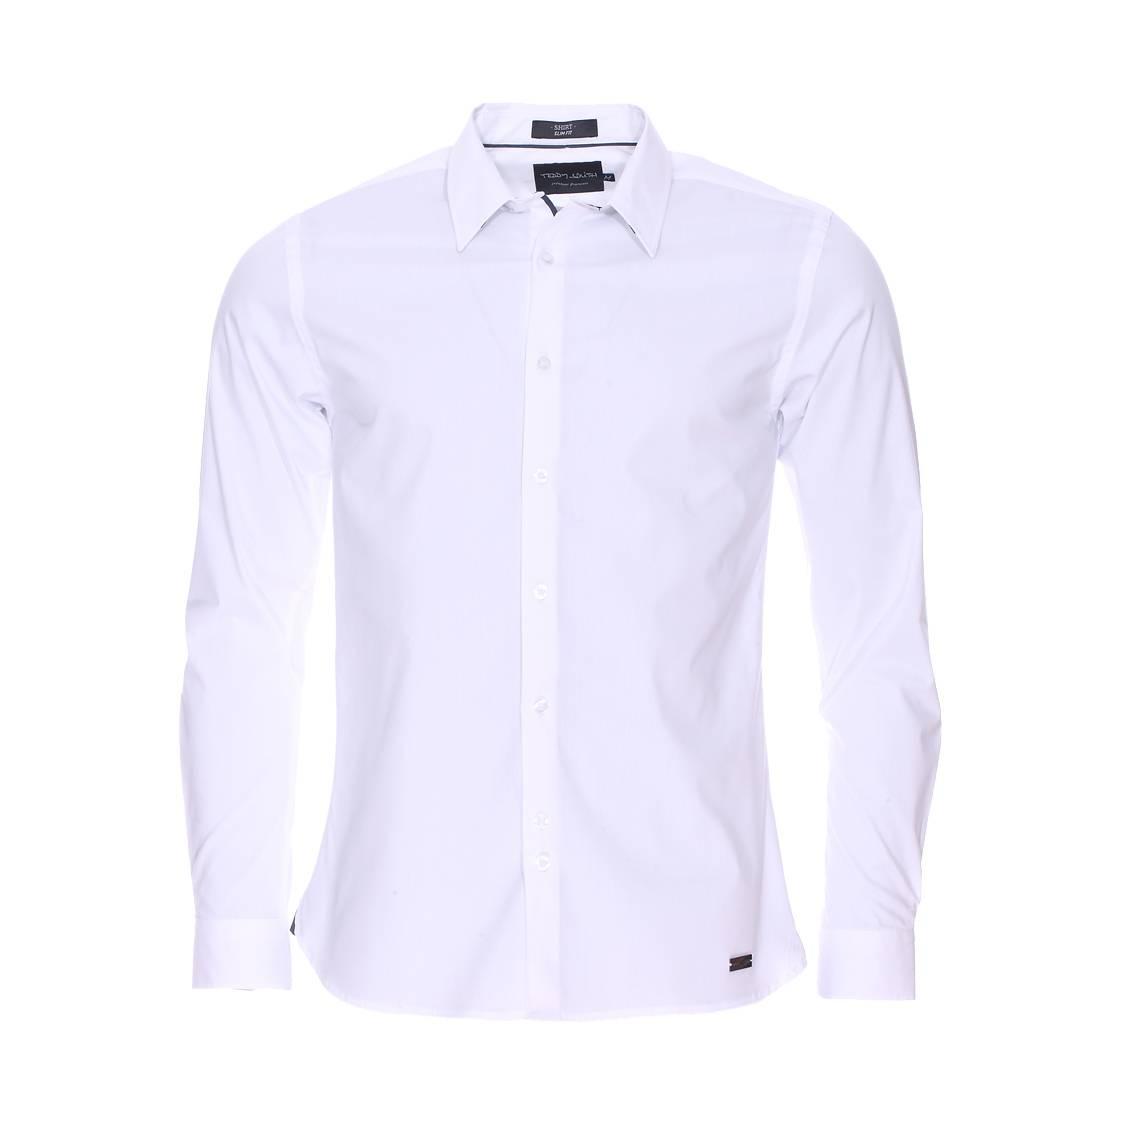 Chemise cintrée clovis  en coton stretch blanc